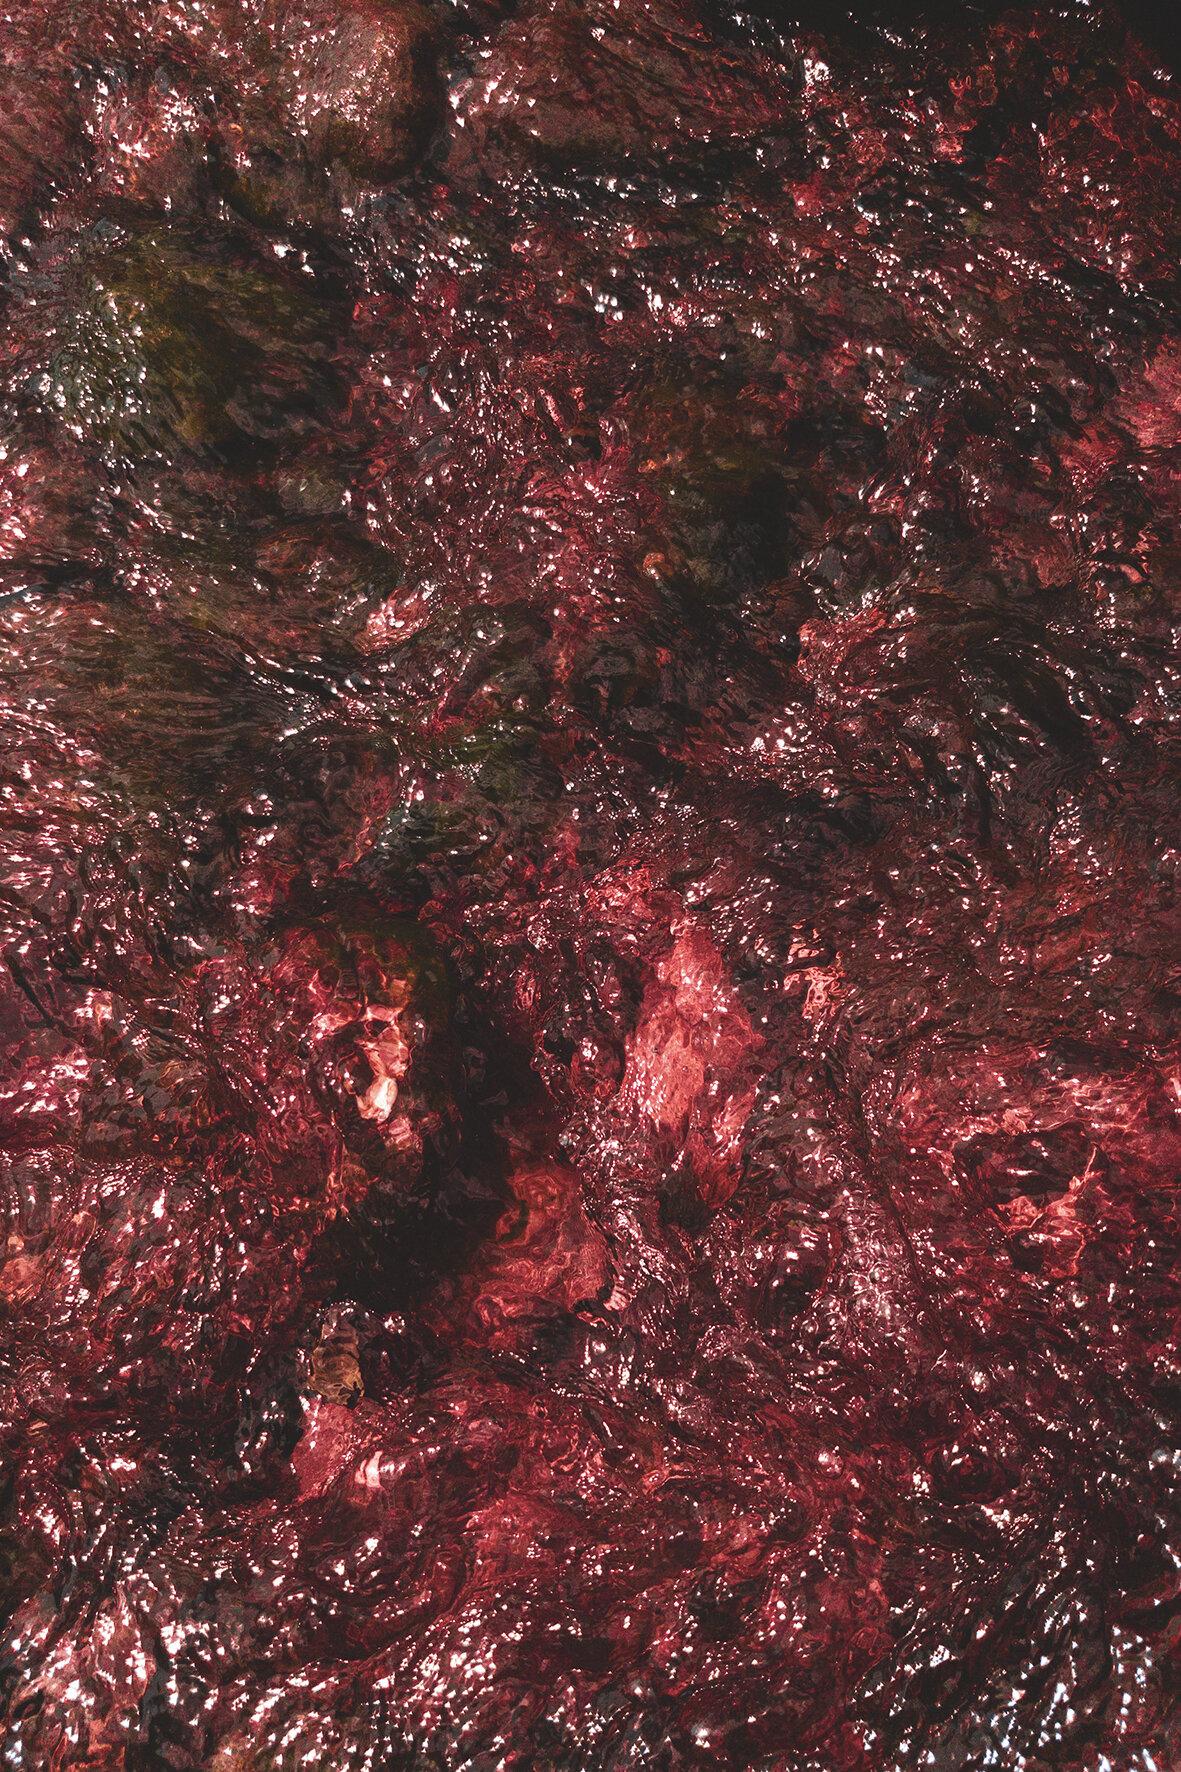 sangue 10x15.jpg